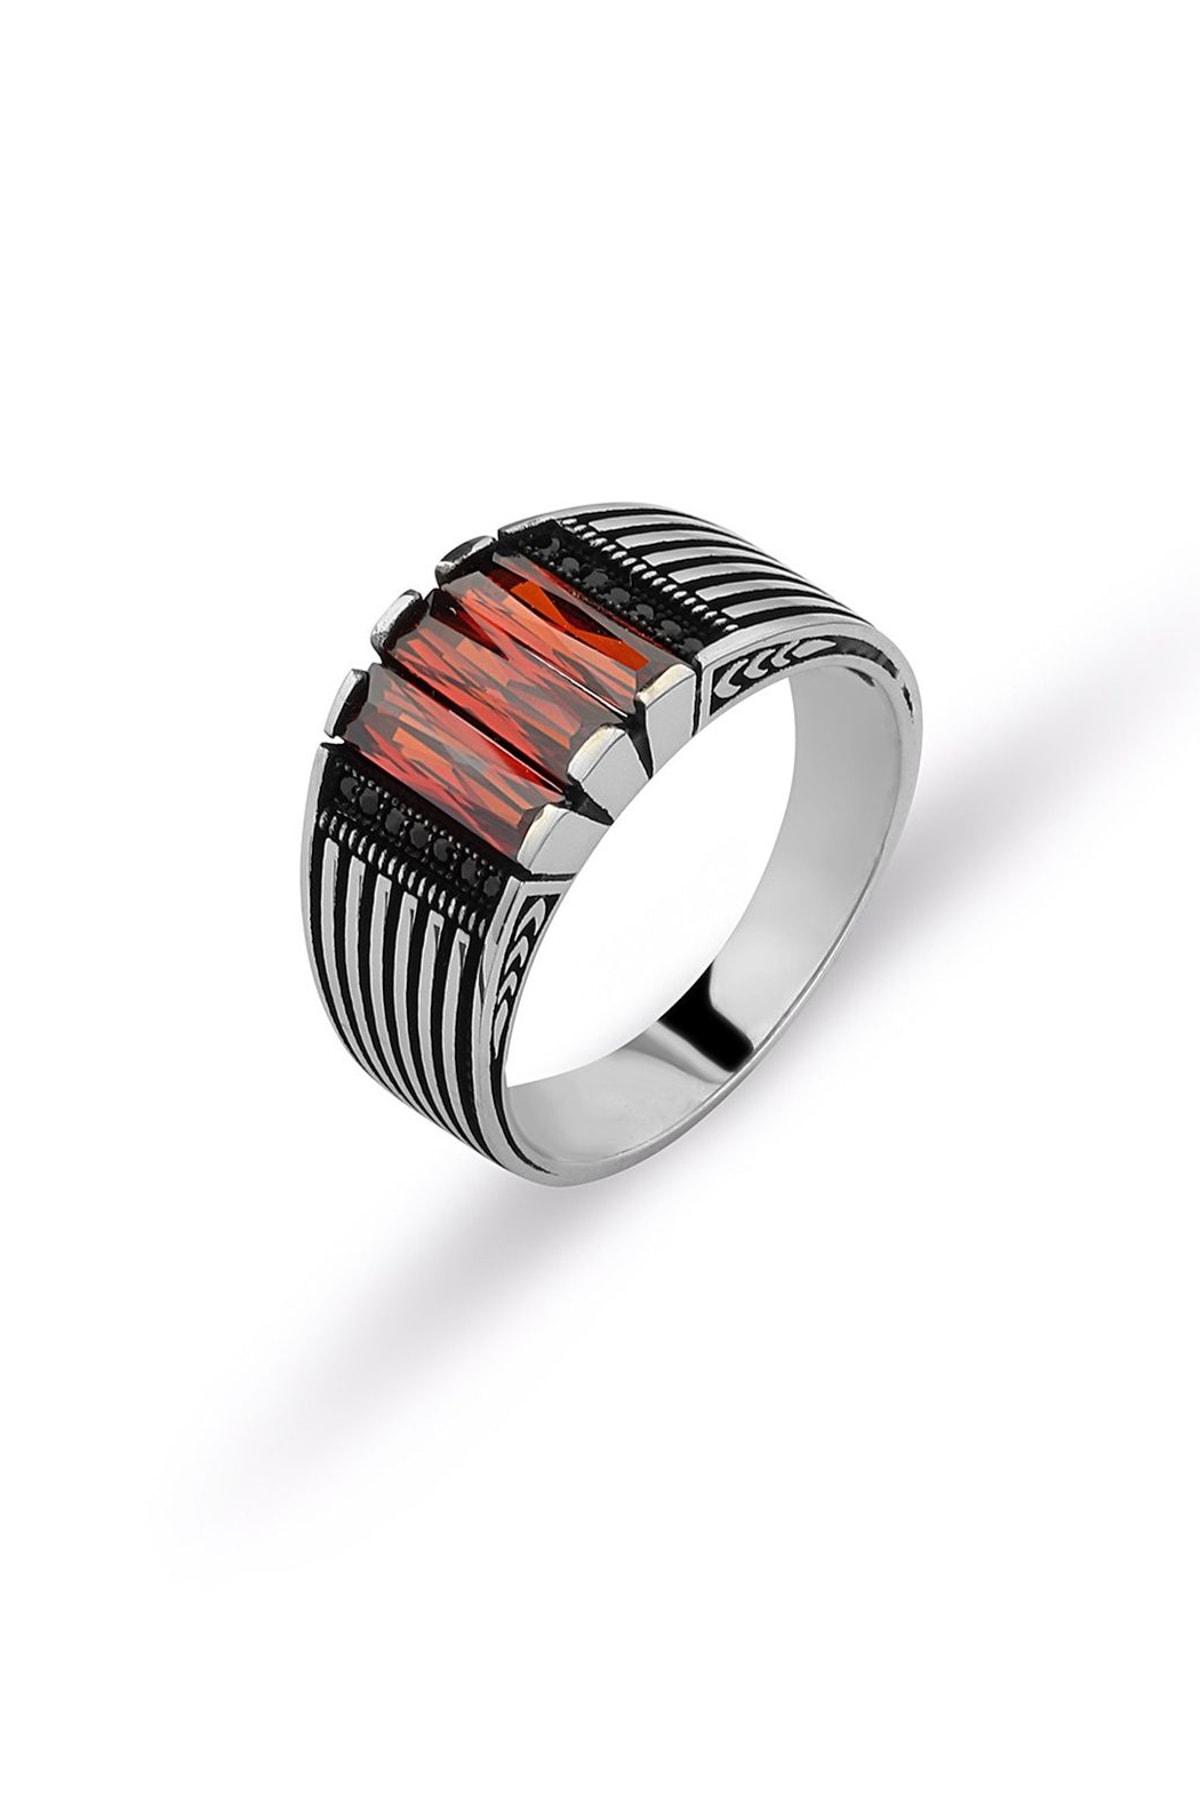 MySilvers Kırmızı Zirkon Taşlı Erkek Yüzüğü Erkek Oksit Kırmızı Zirkon 1